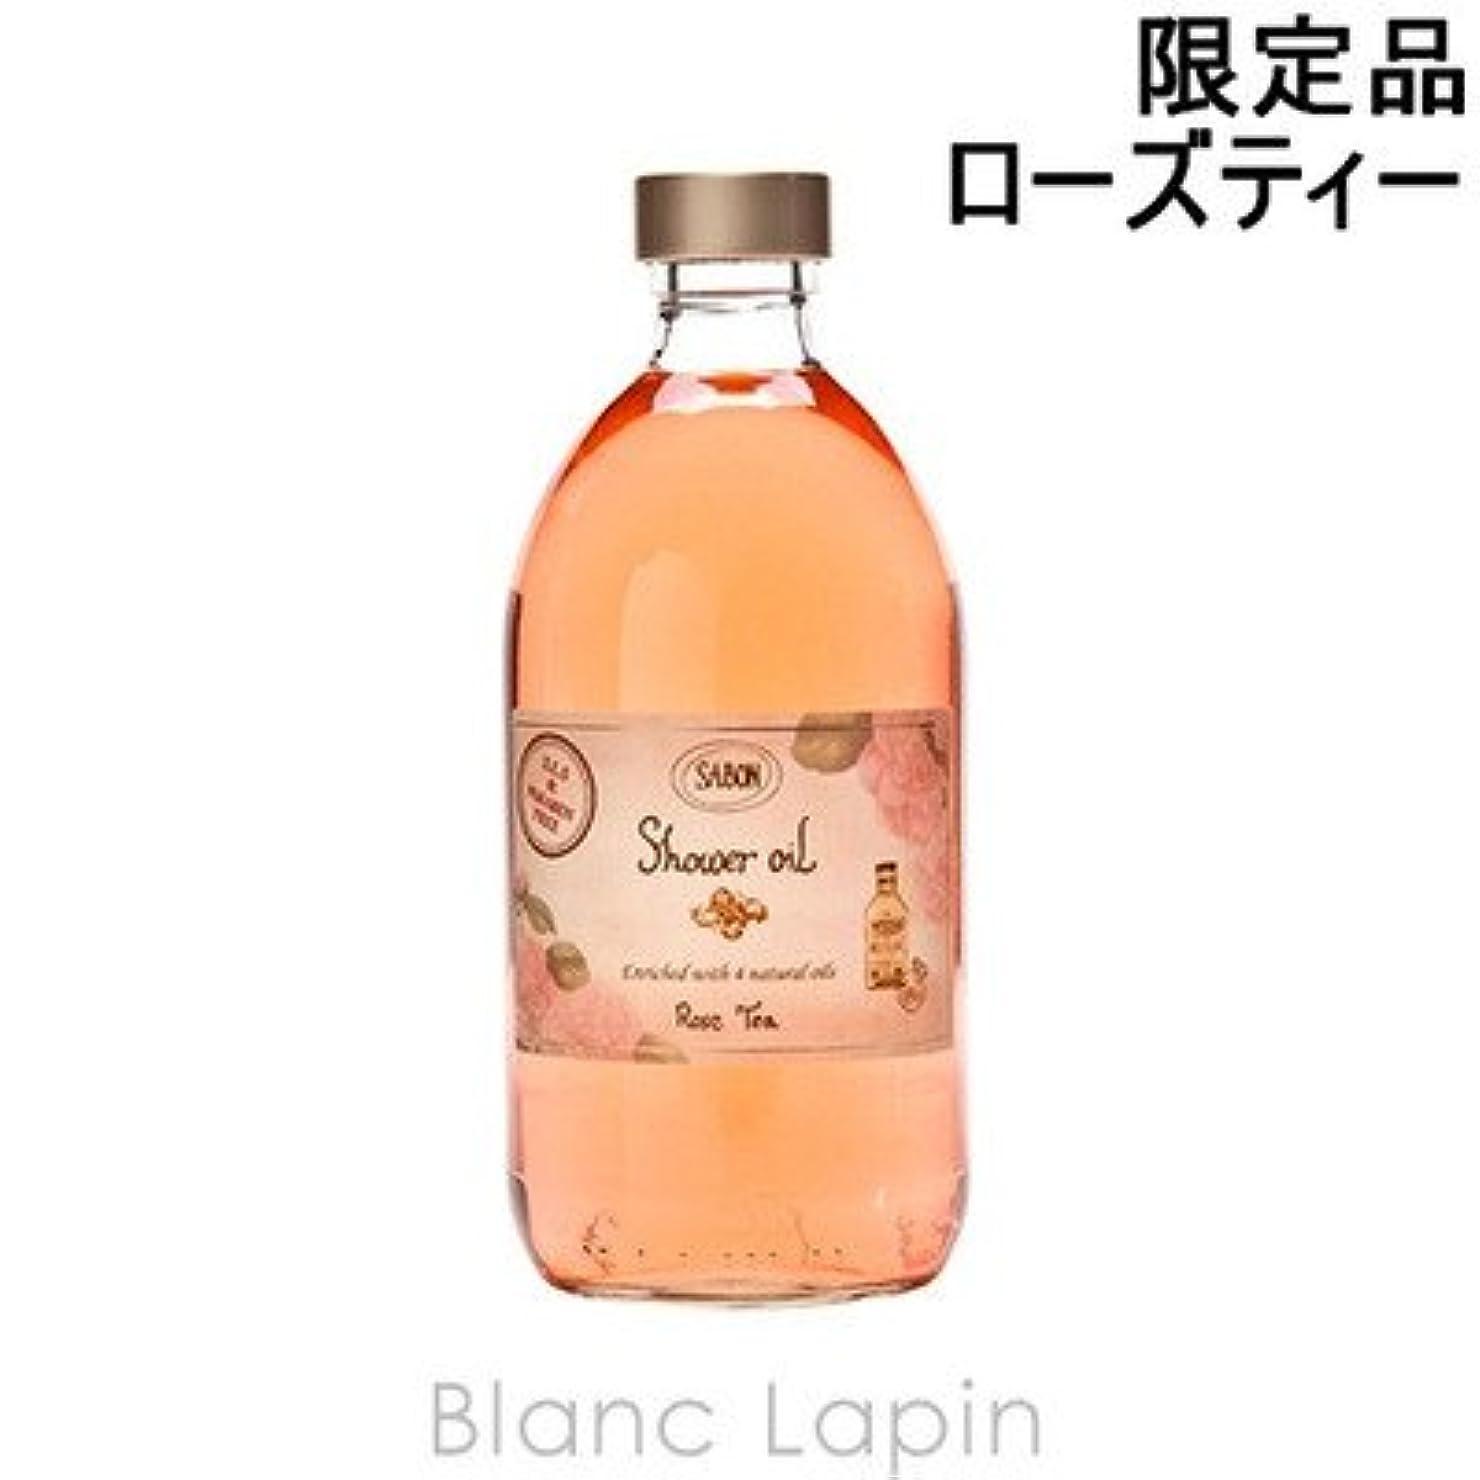 ボリューム夜明けショップサボン シャワーオイル ローズ ティー 500ml【限定商品】